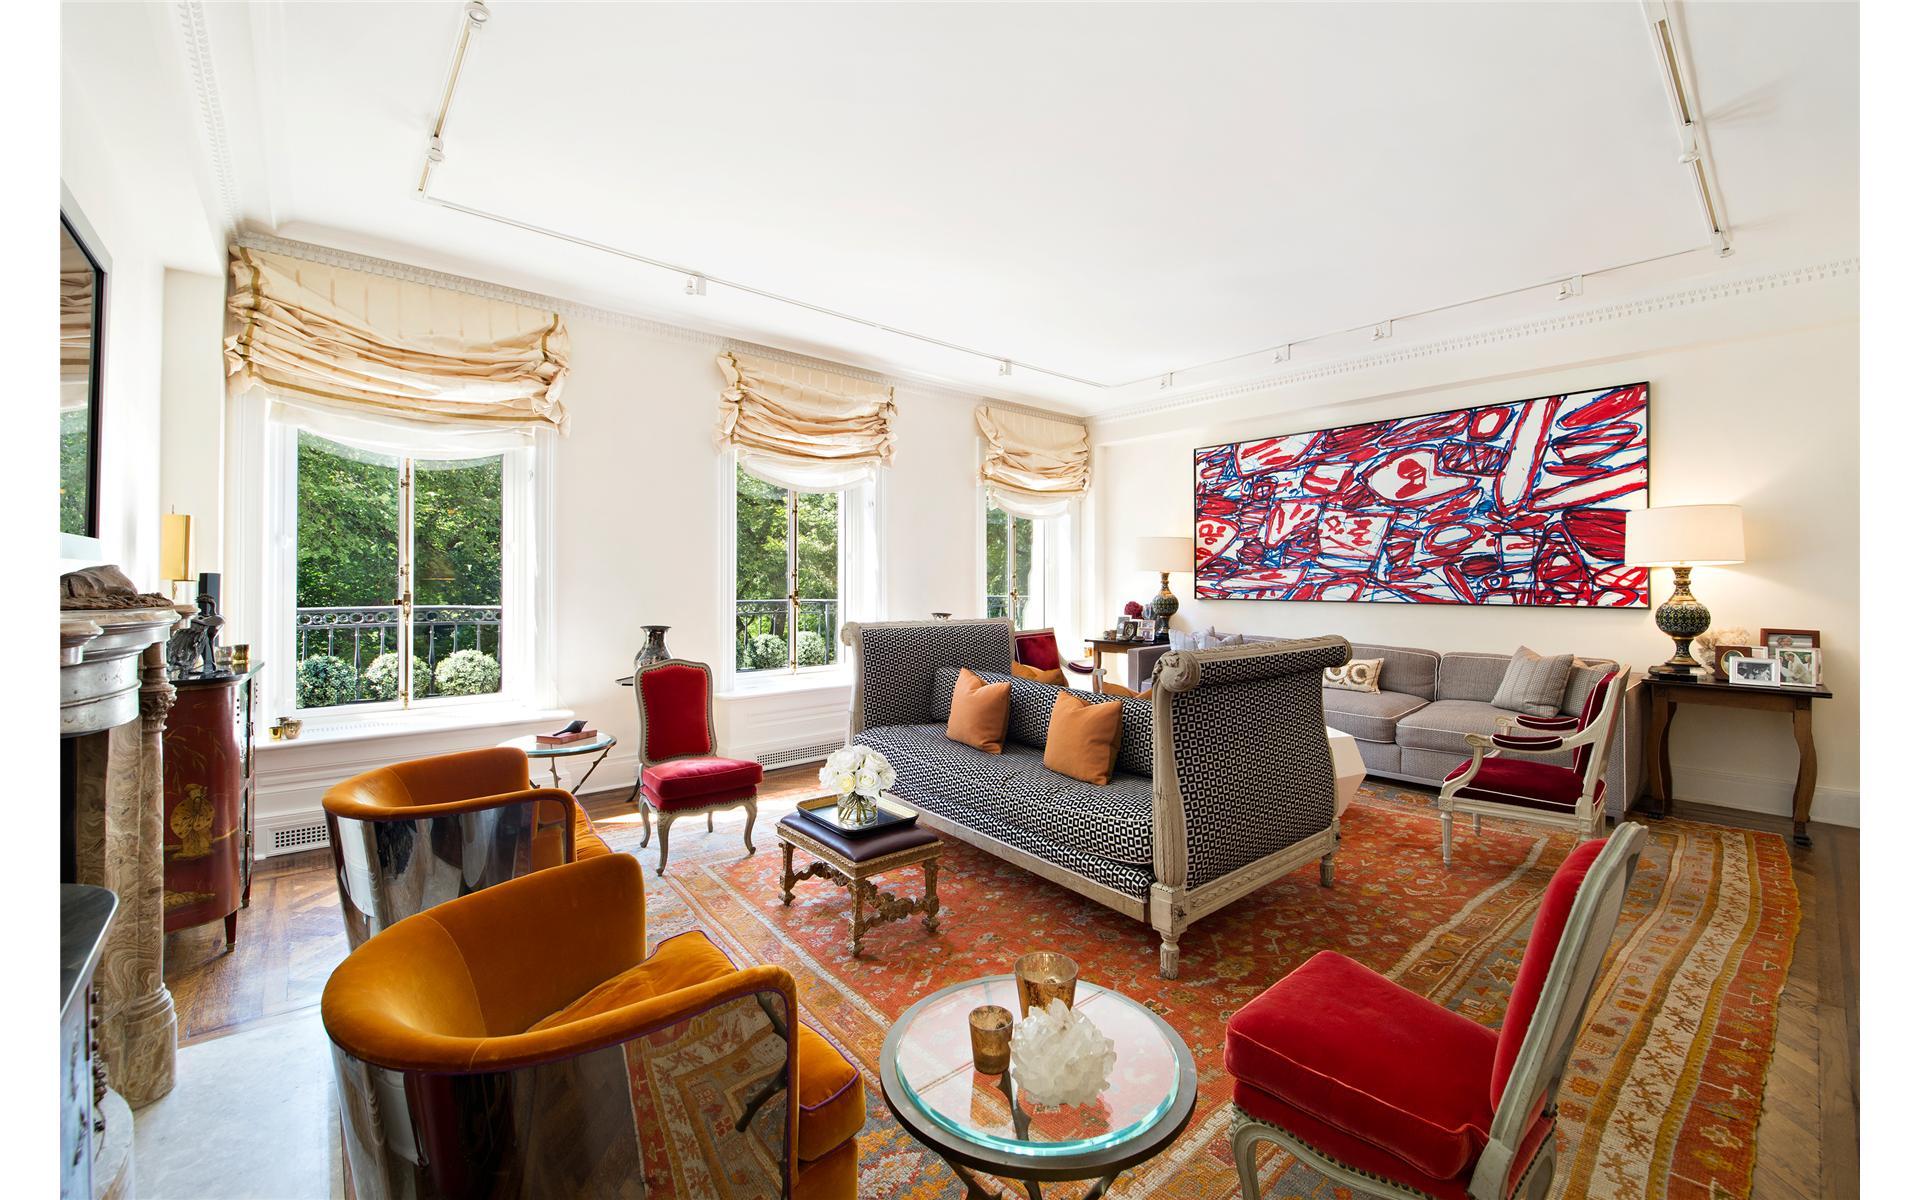 953 Fifth Avenue 34FL Upper East Side New York Douglas Elliman